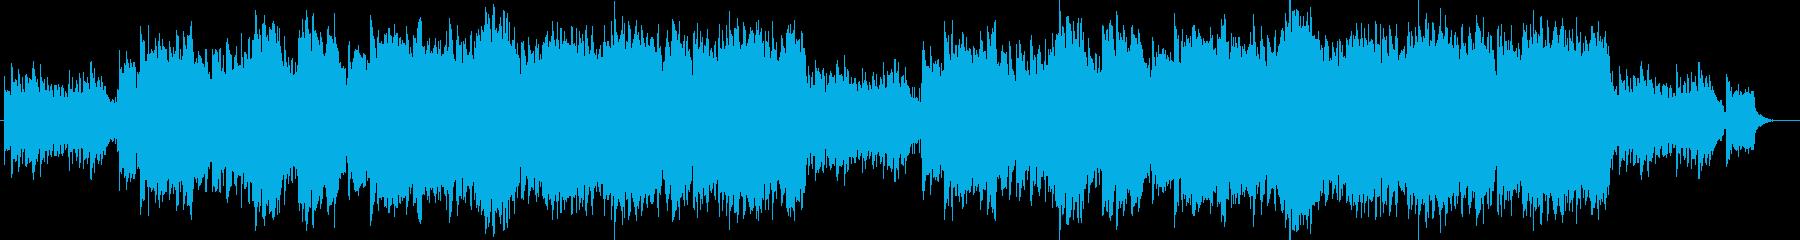 ピアノによるノスタルジックなバラードの再生済みの波形